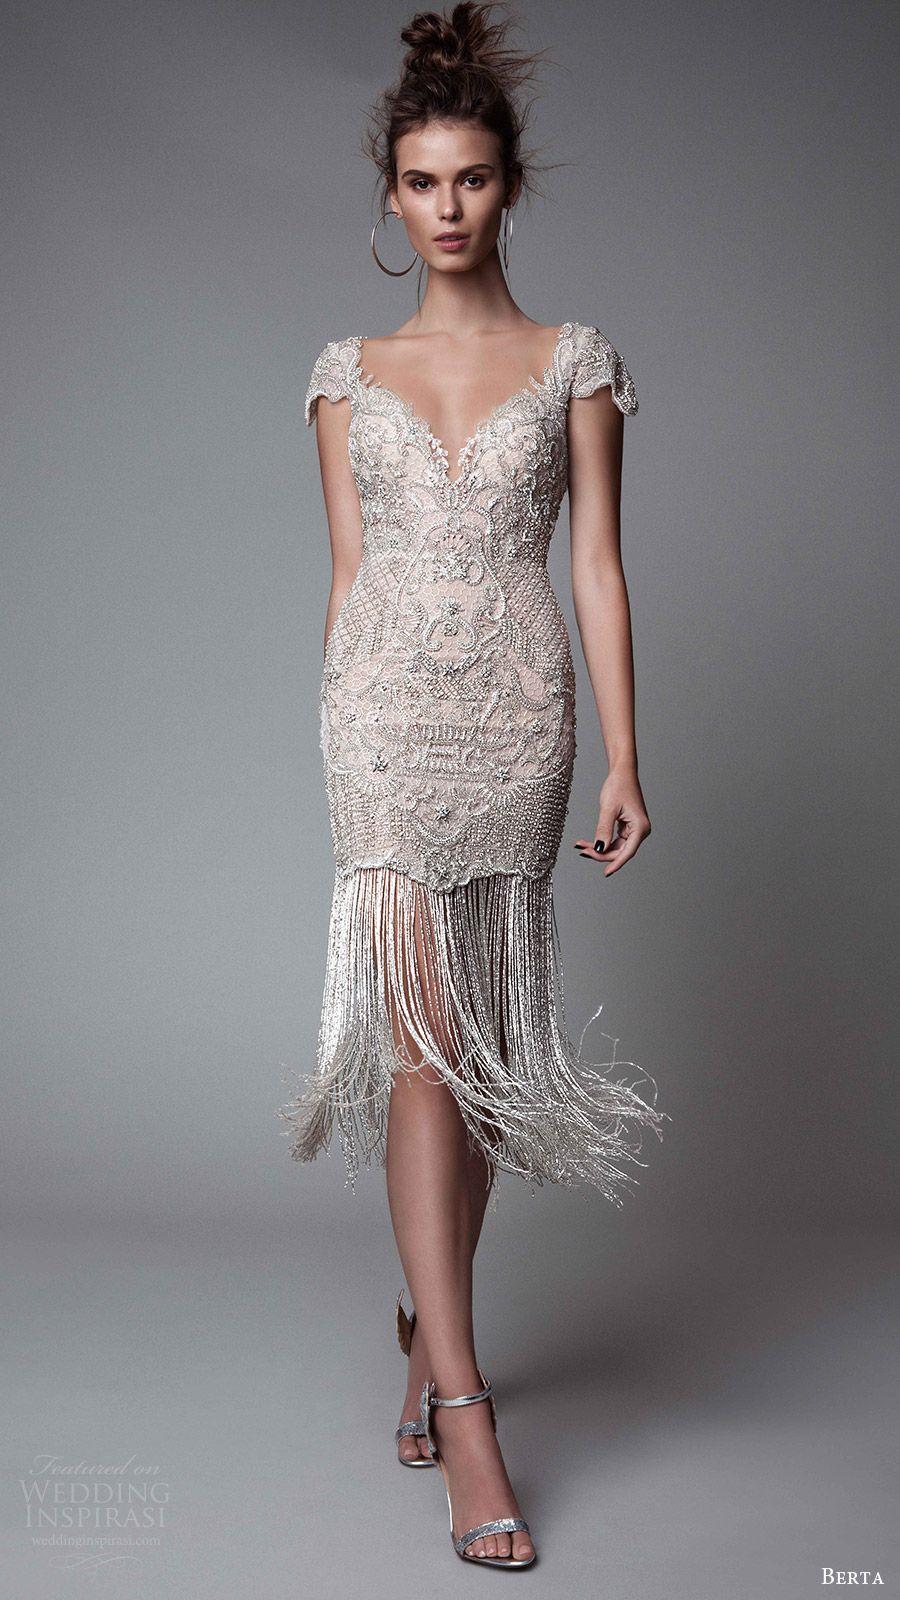 Berta Bridal RTW 17 Bridal Dresses 63c2eeddc